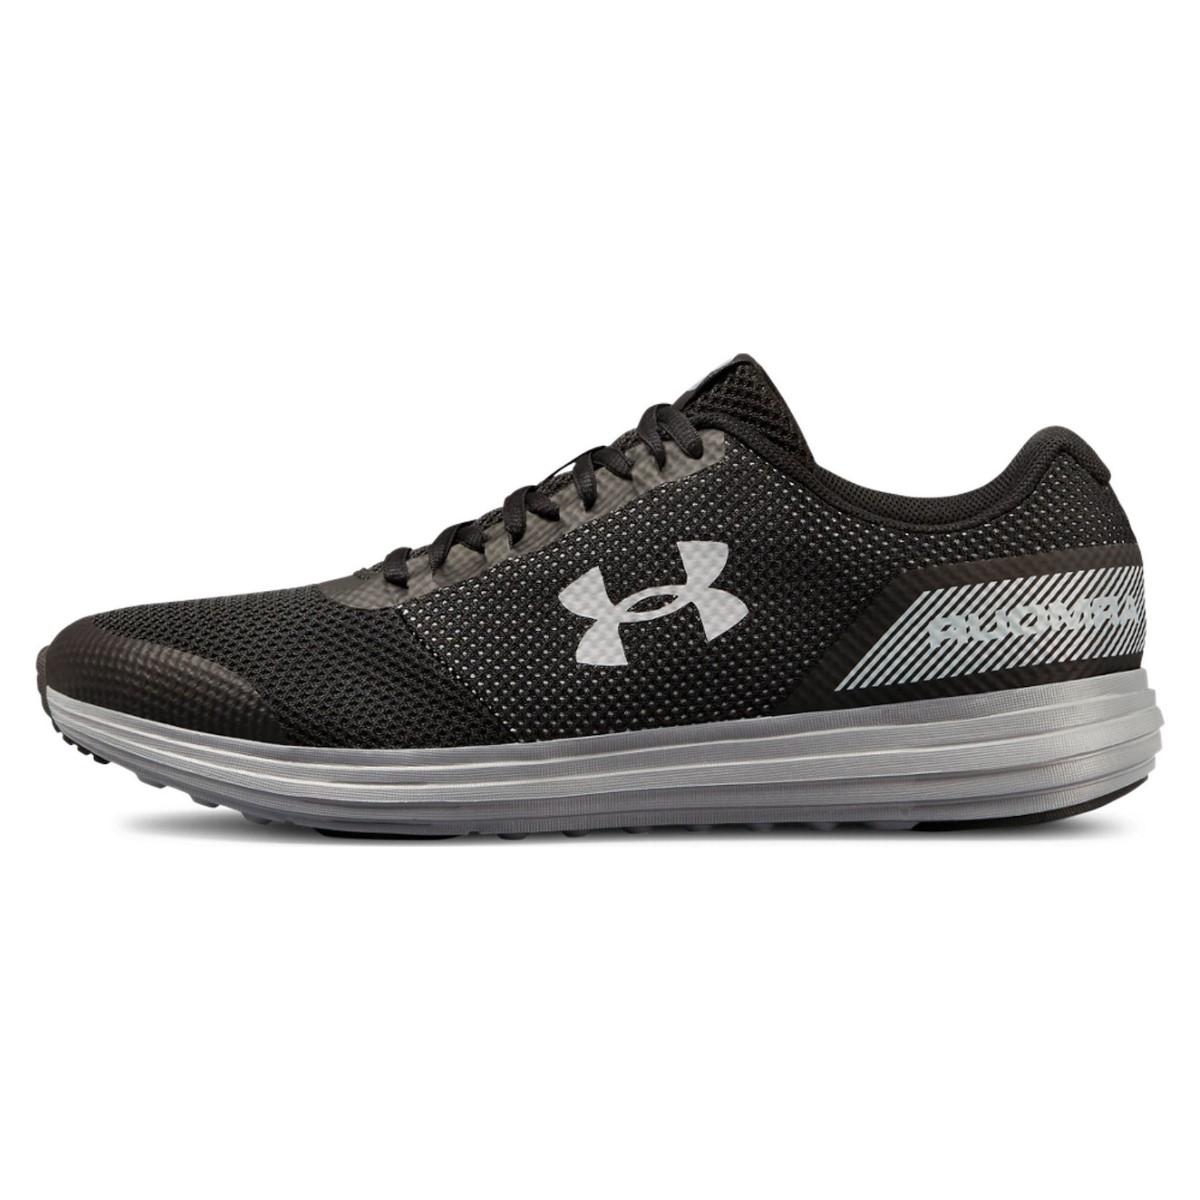 کفش مخصوص دویدن مردانه آندر آرمور مدل UA SURGE 4E رنگ طوسی مشکی